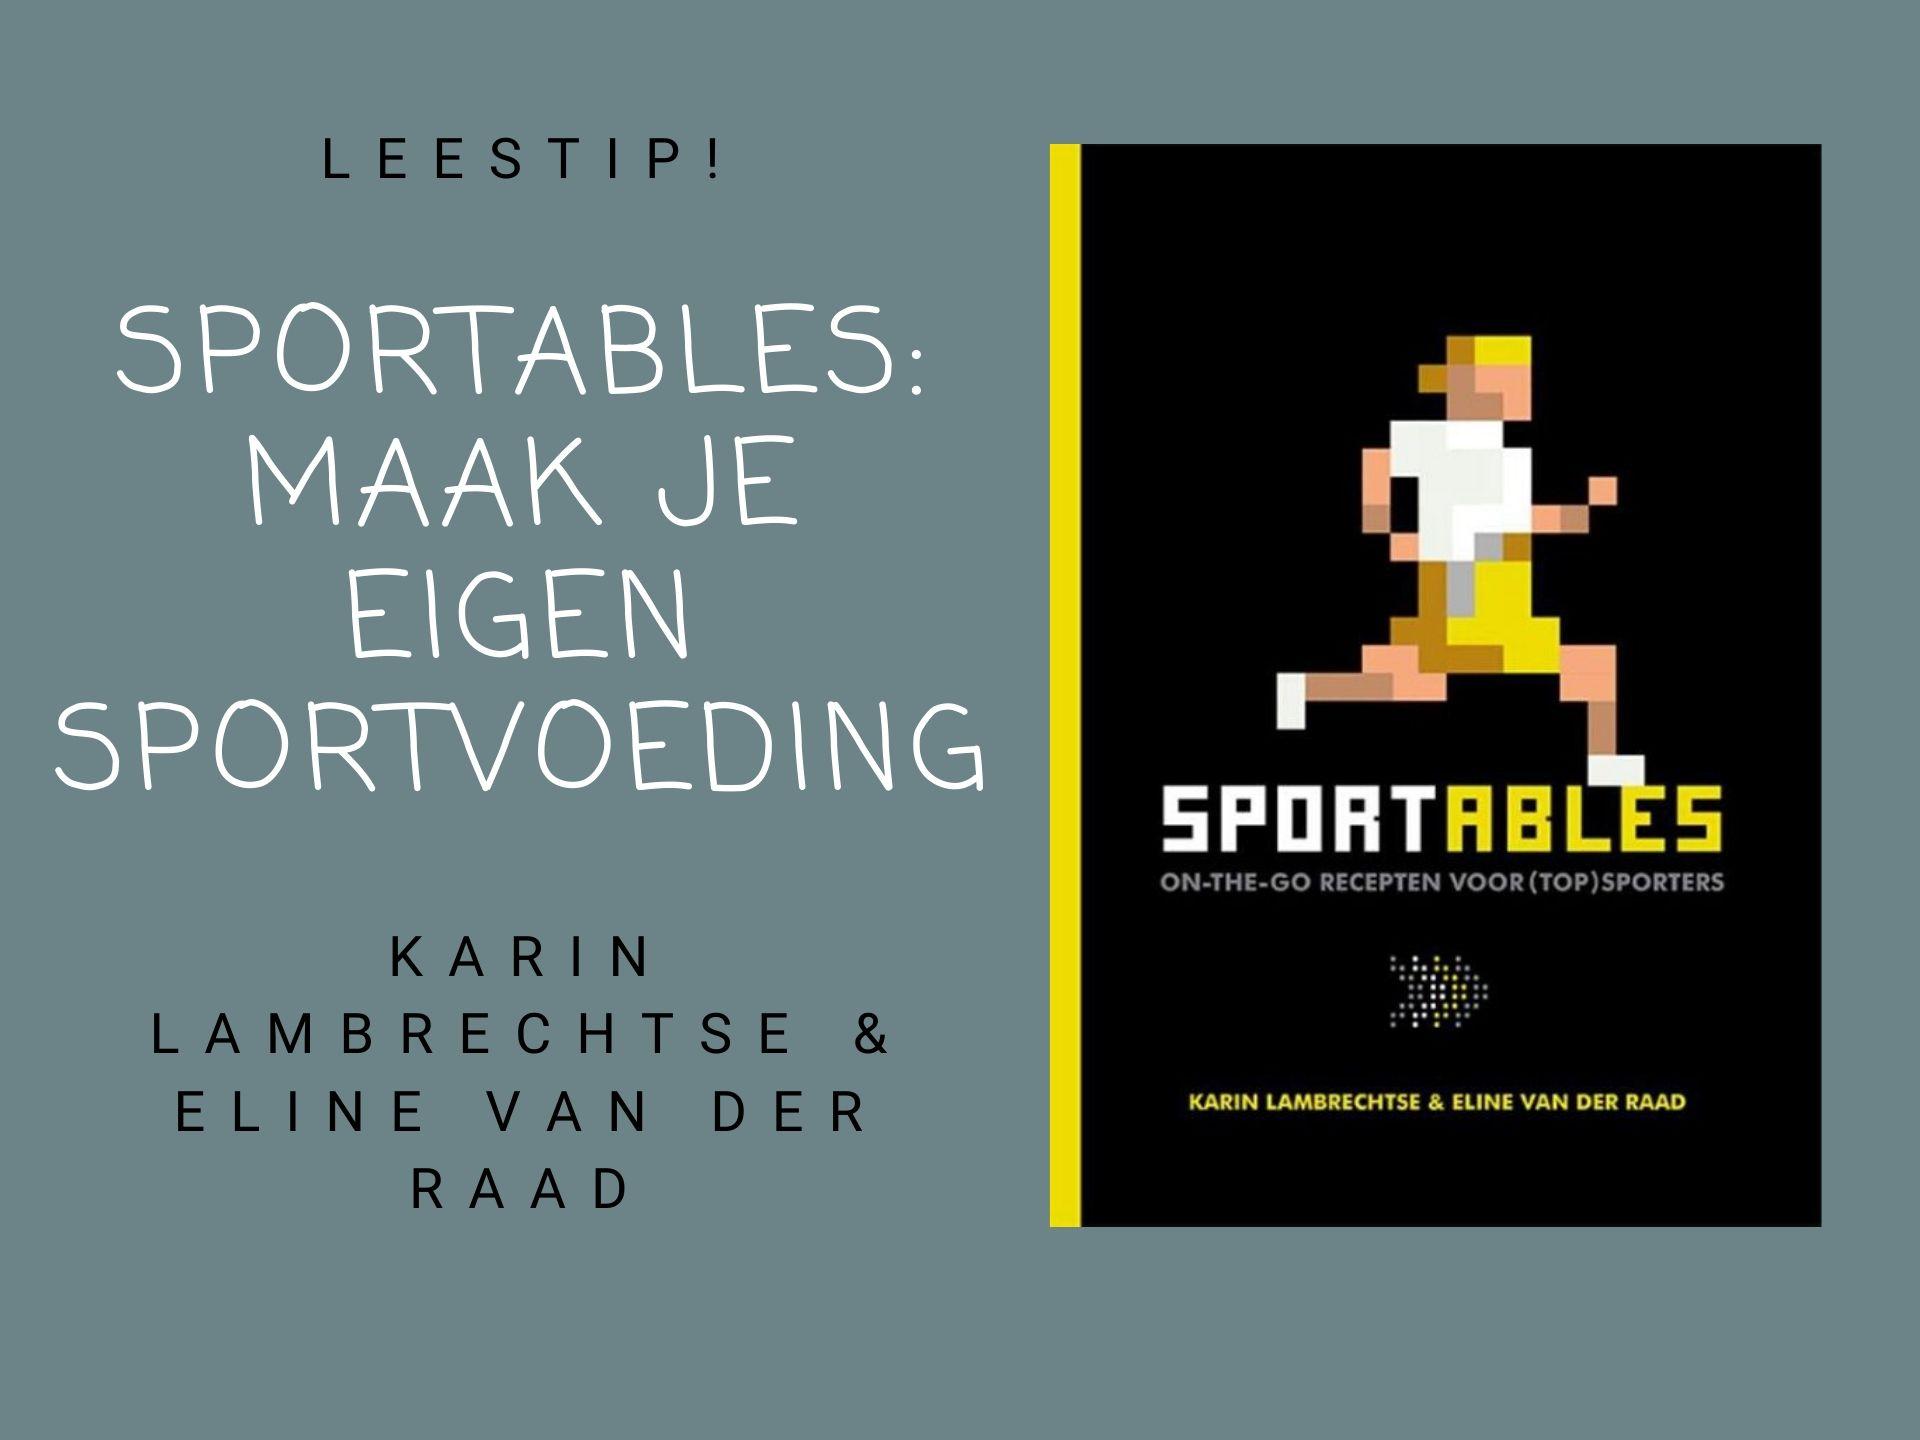 Sportables Maak Je Eigen Sportvoeding Avontuur Op Reis